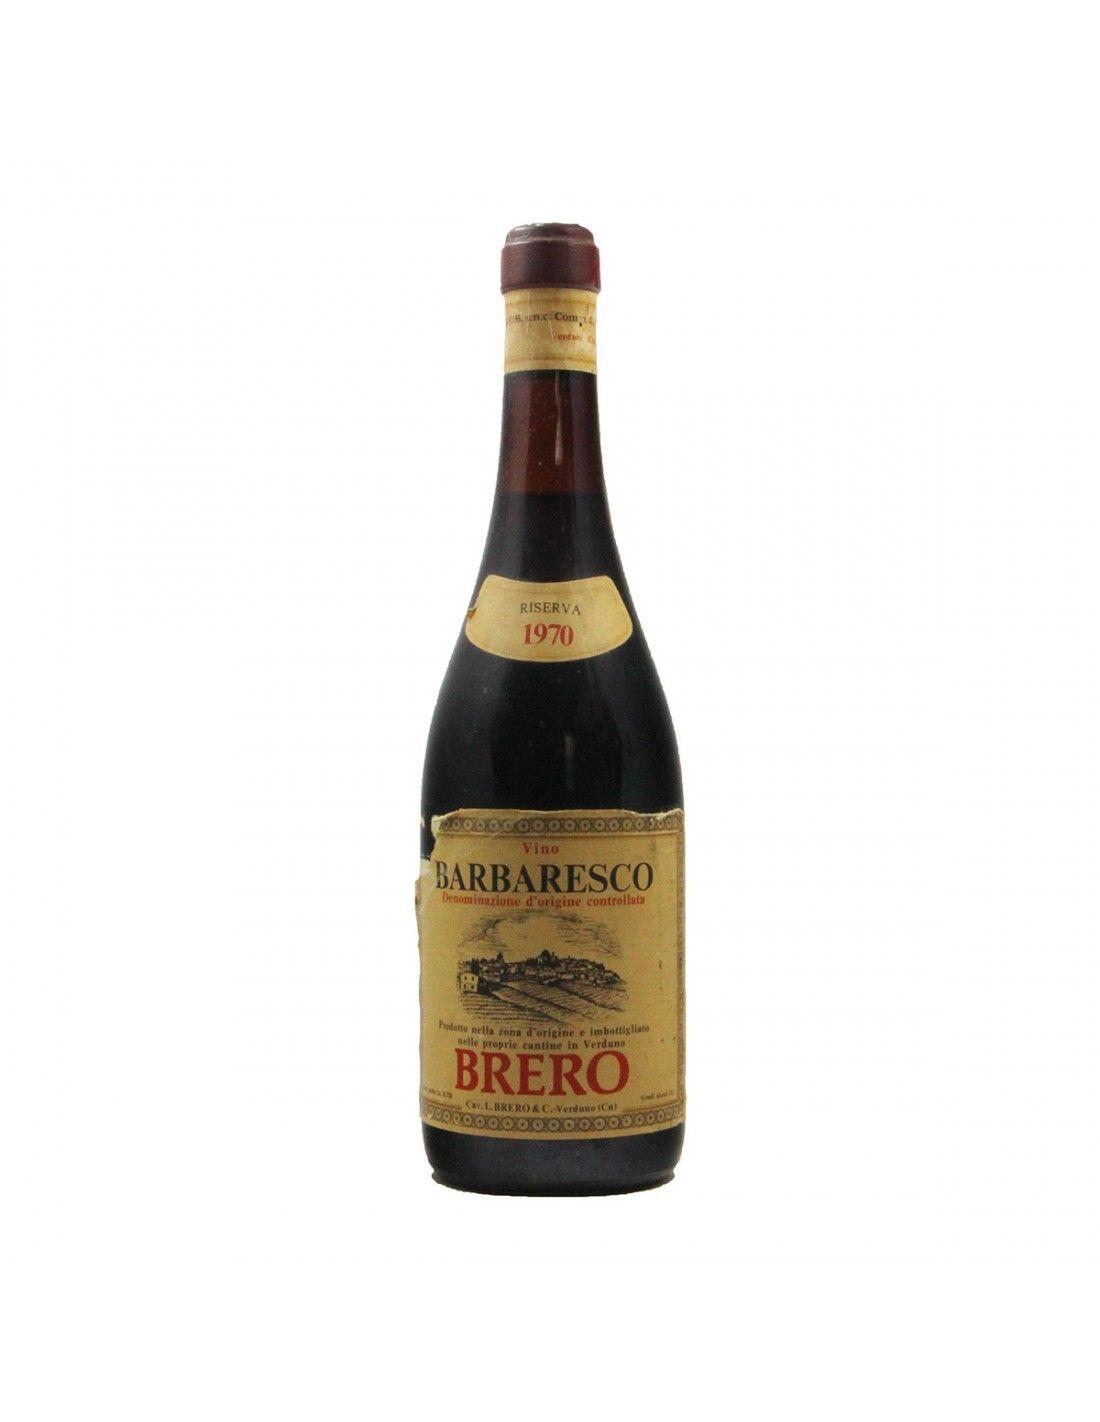 BARBARESCO RISERVA 1970 BRERO Grandi Bottiglie